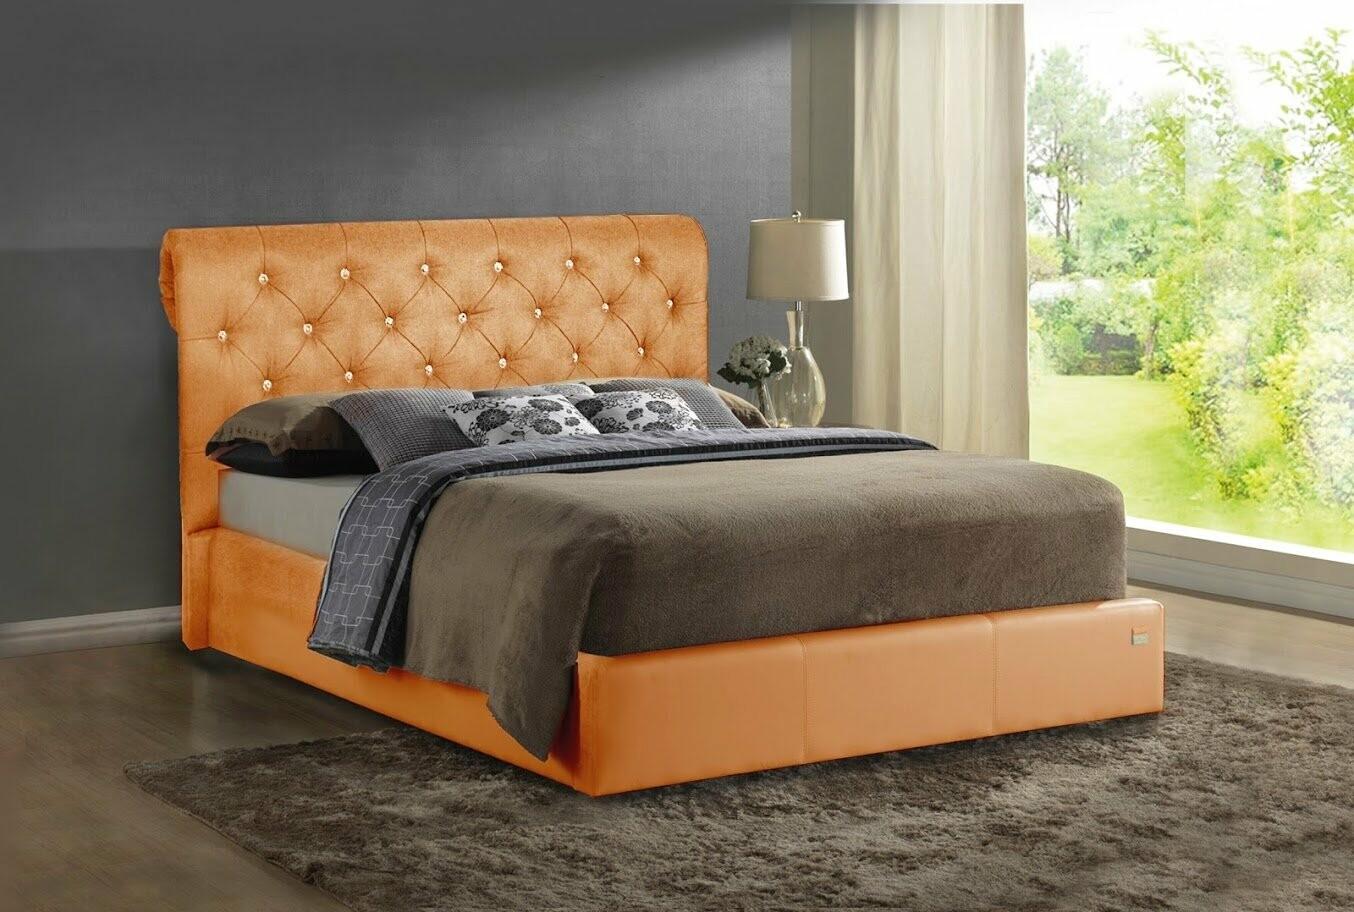 Створіть казкову атмосферу вдома, не покидаючи зони комфорту: час онлайн-шопінгу з мебельним магазином «VoV.Furniture», фото-1